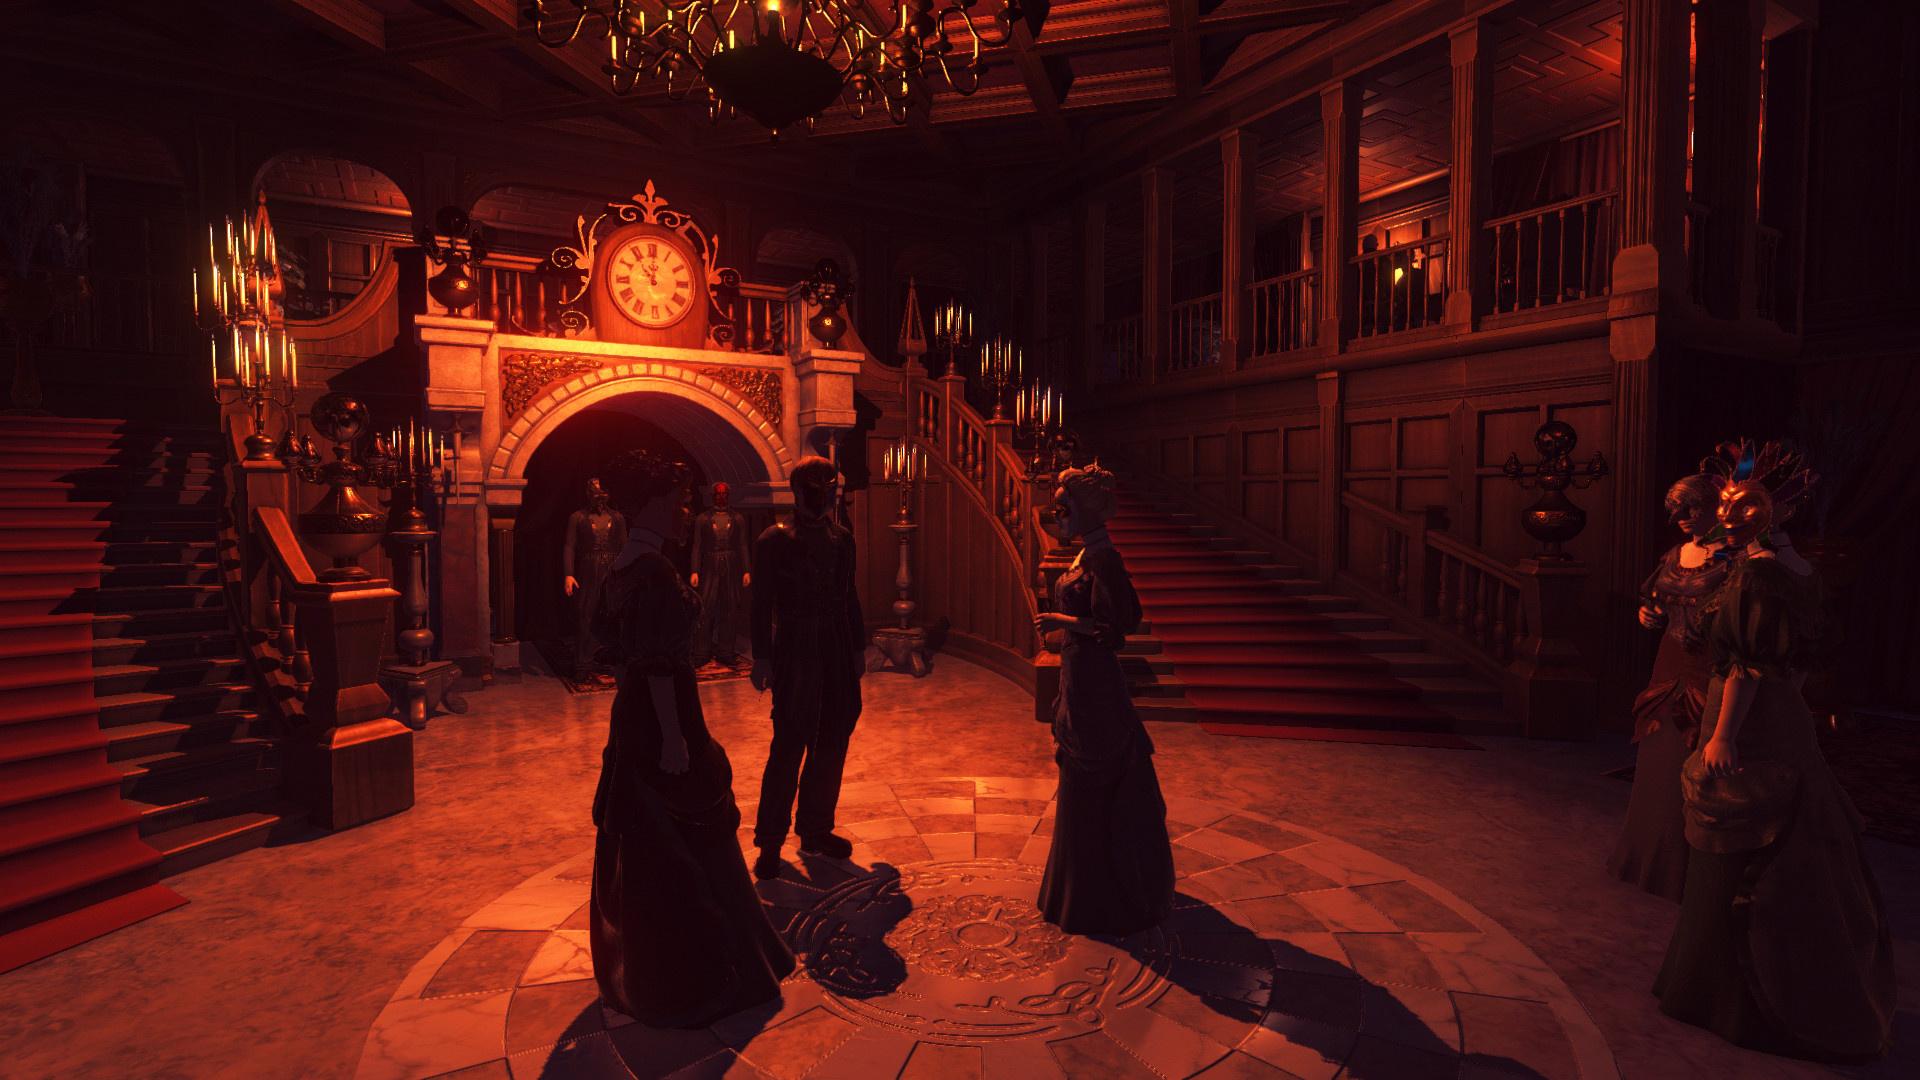 В эротическом триллере Lust for Darkness пройдут бесплатные выходные